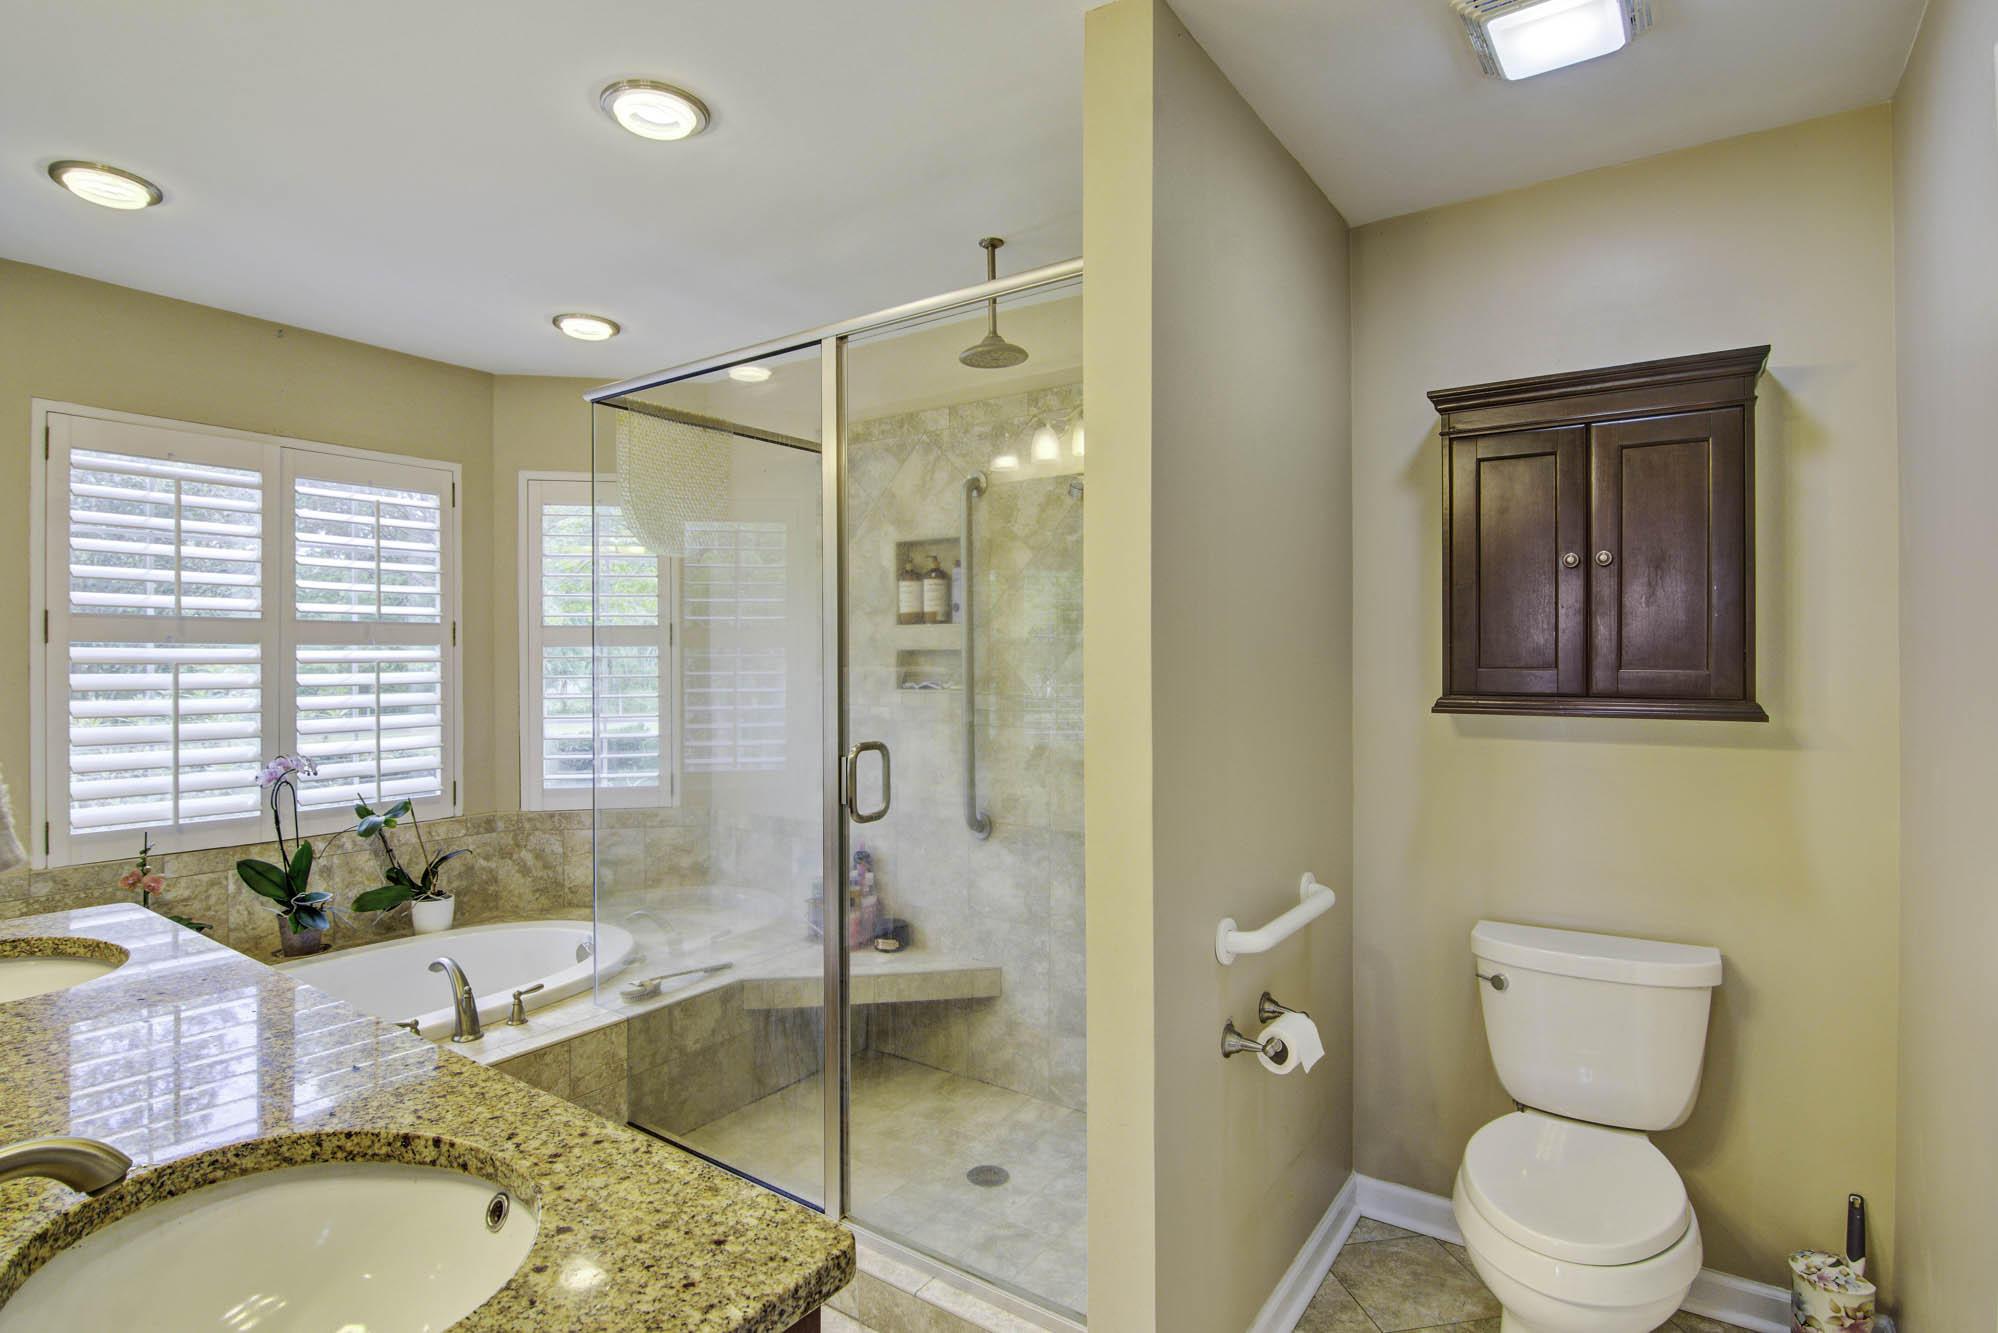 Walton Grove Homes For Sale - 119 Walton Grove, Summerville, SC - 30